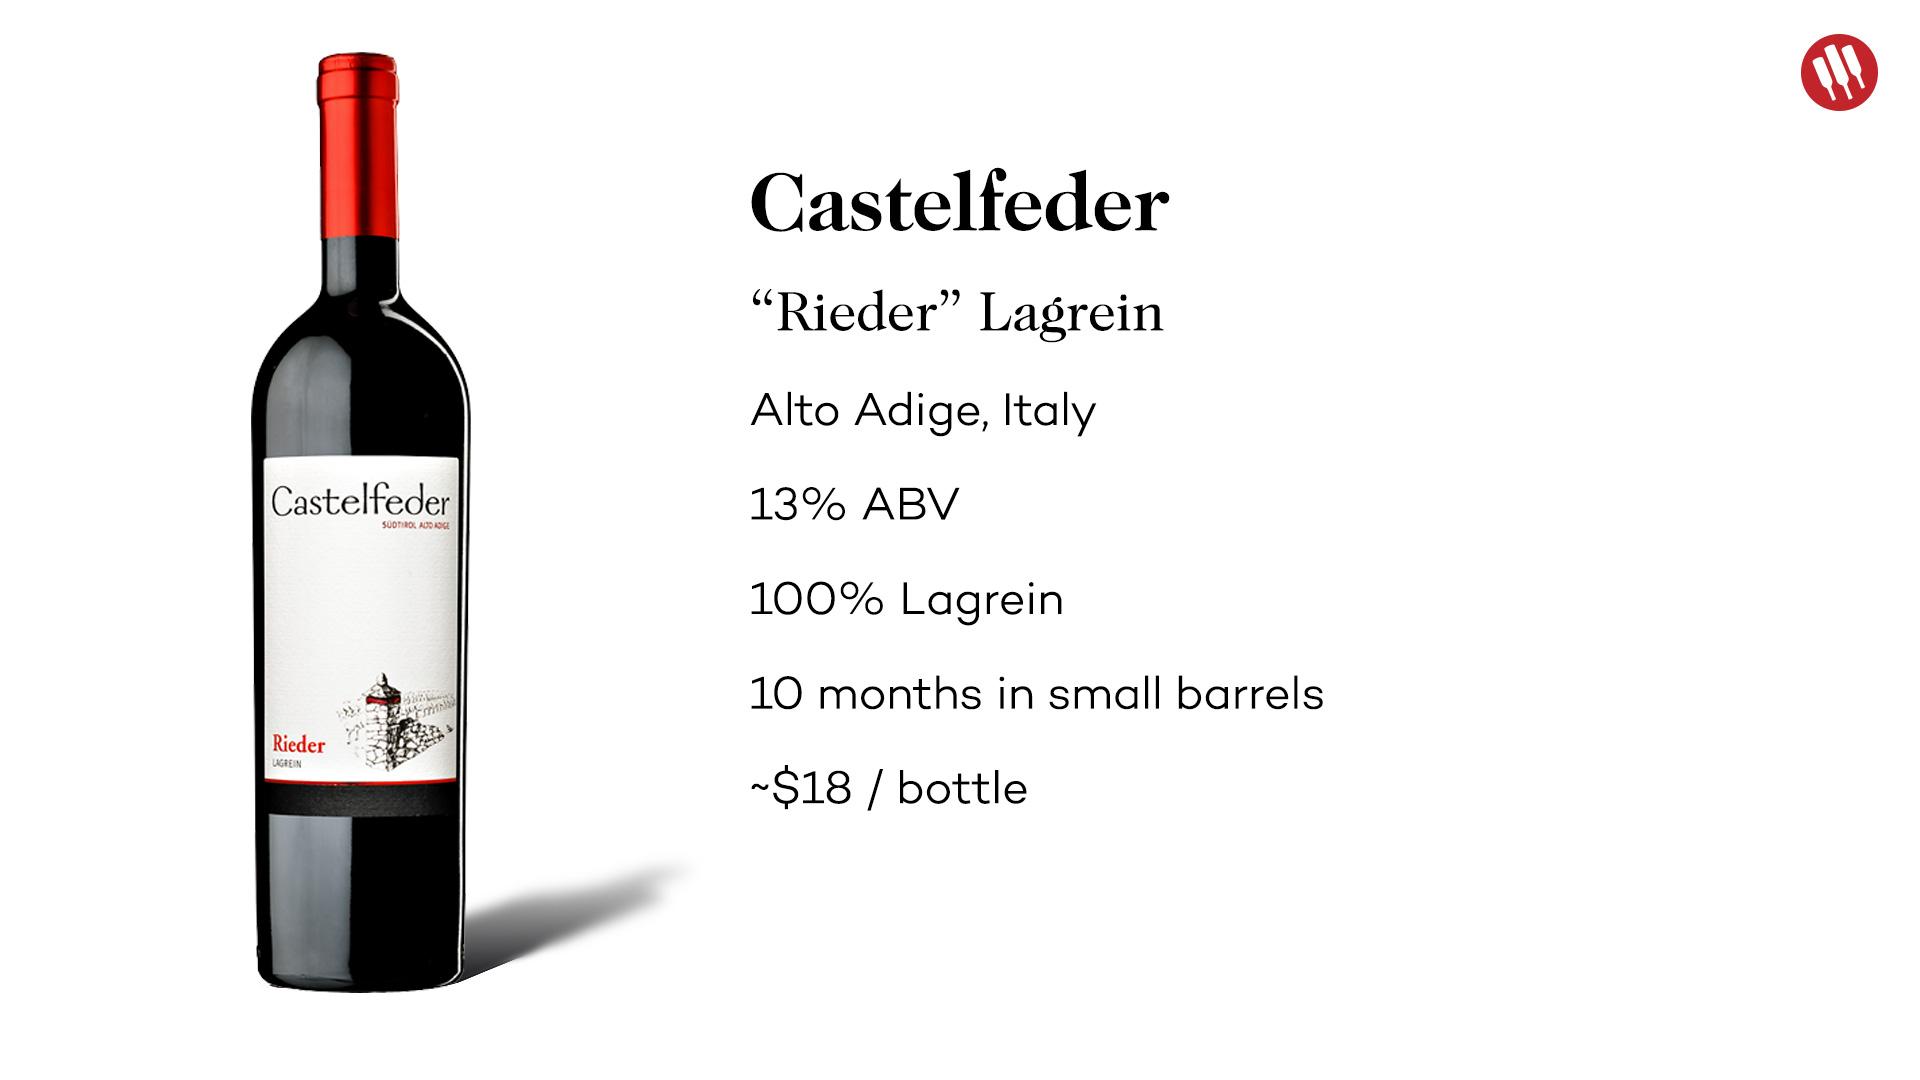 Castelfeder Lagrein wine - Rieder from Alto Adige